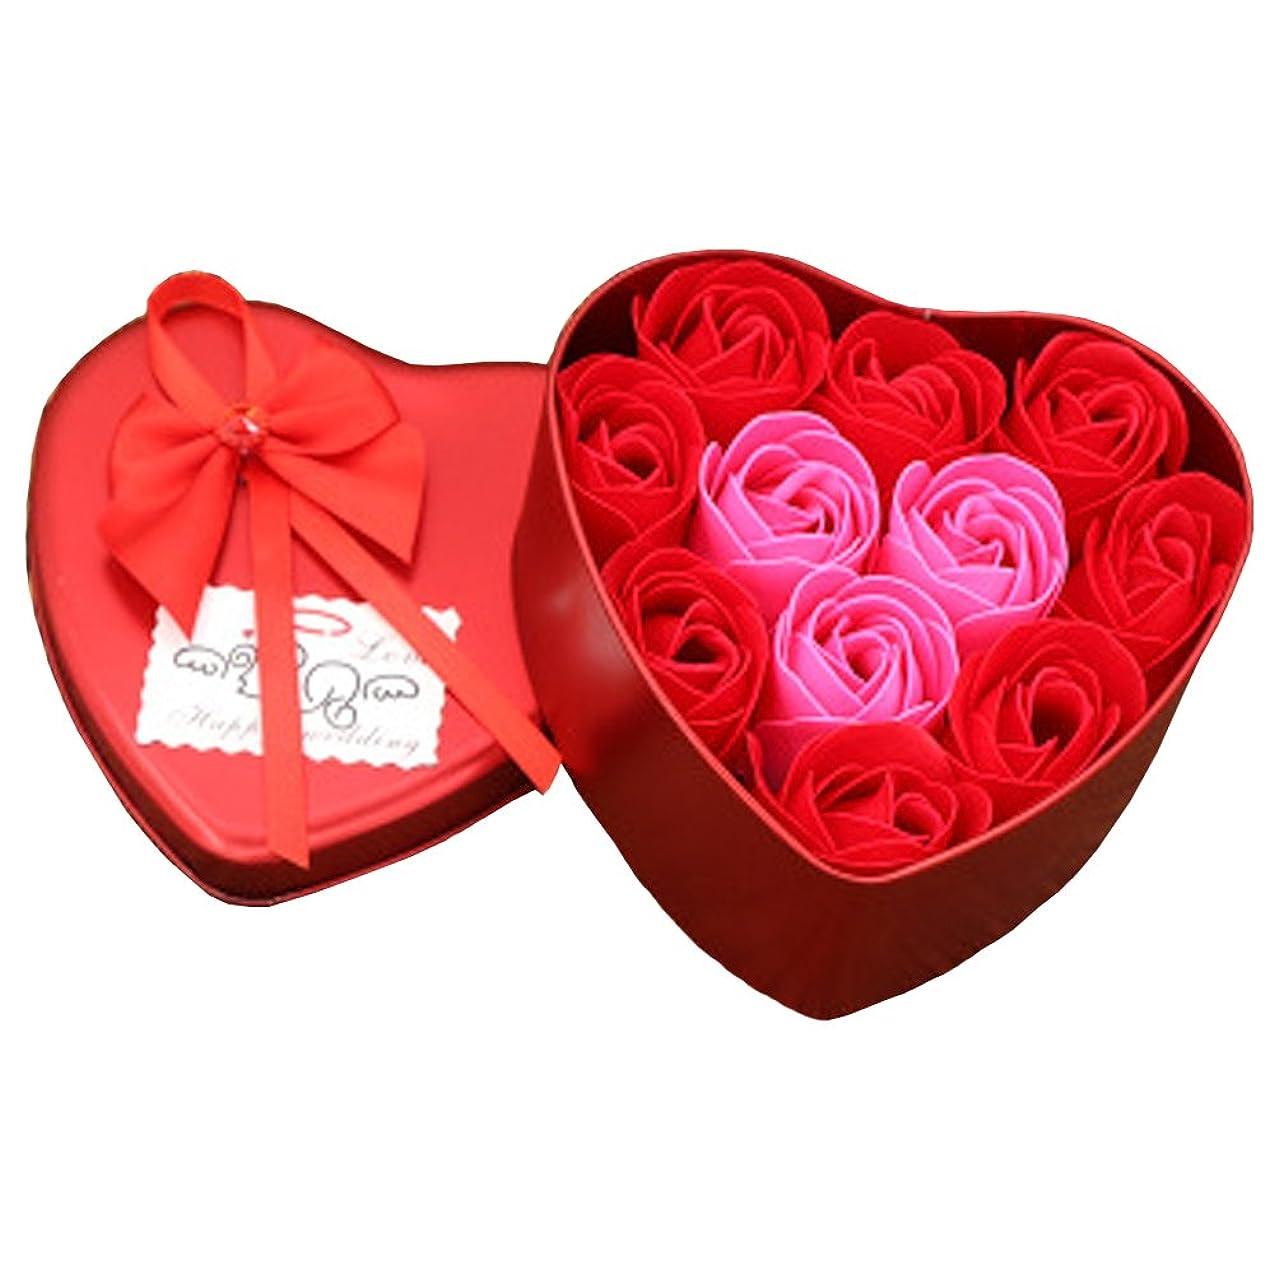 ハチ住人トリクルiCoole ソープフラワー 石鹸花 ハードフラワー形状 ギフトボックス入り 母の日 バレンタインデー お誕生日 ギフト